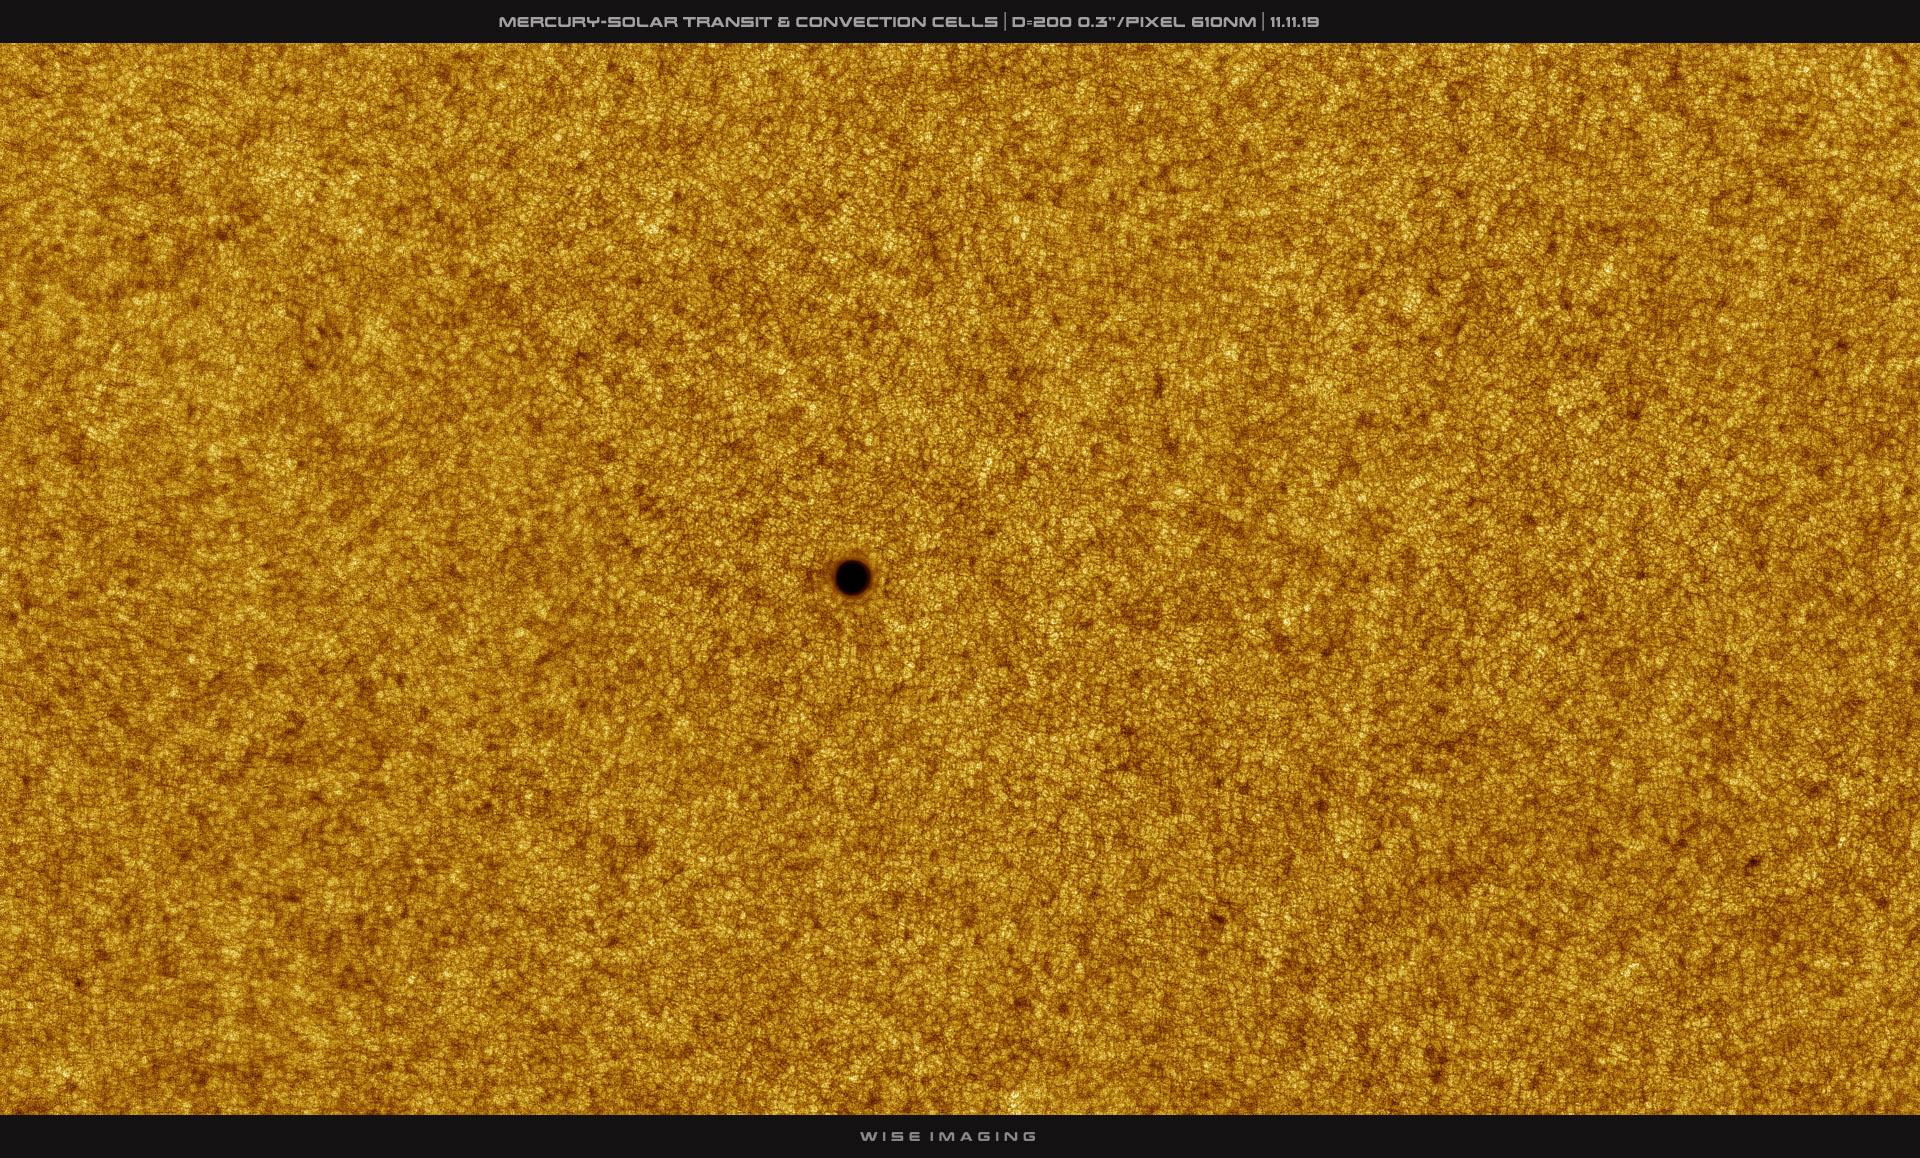 APOD: 2019 November 13 - Mercury in Silhouette